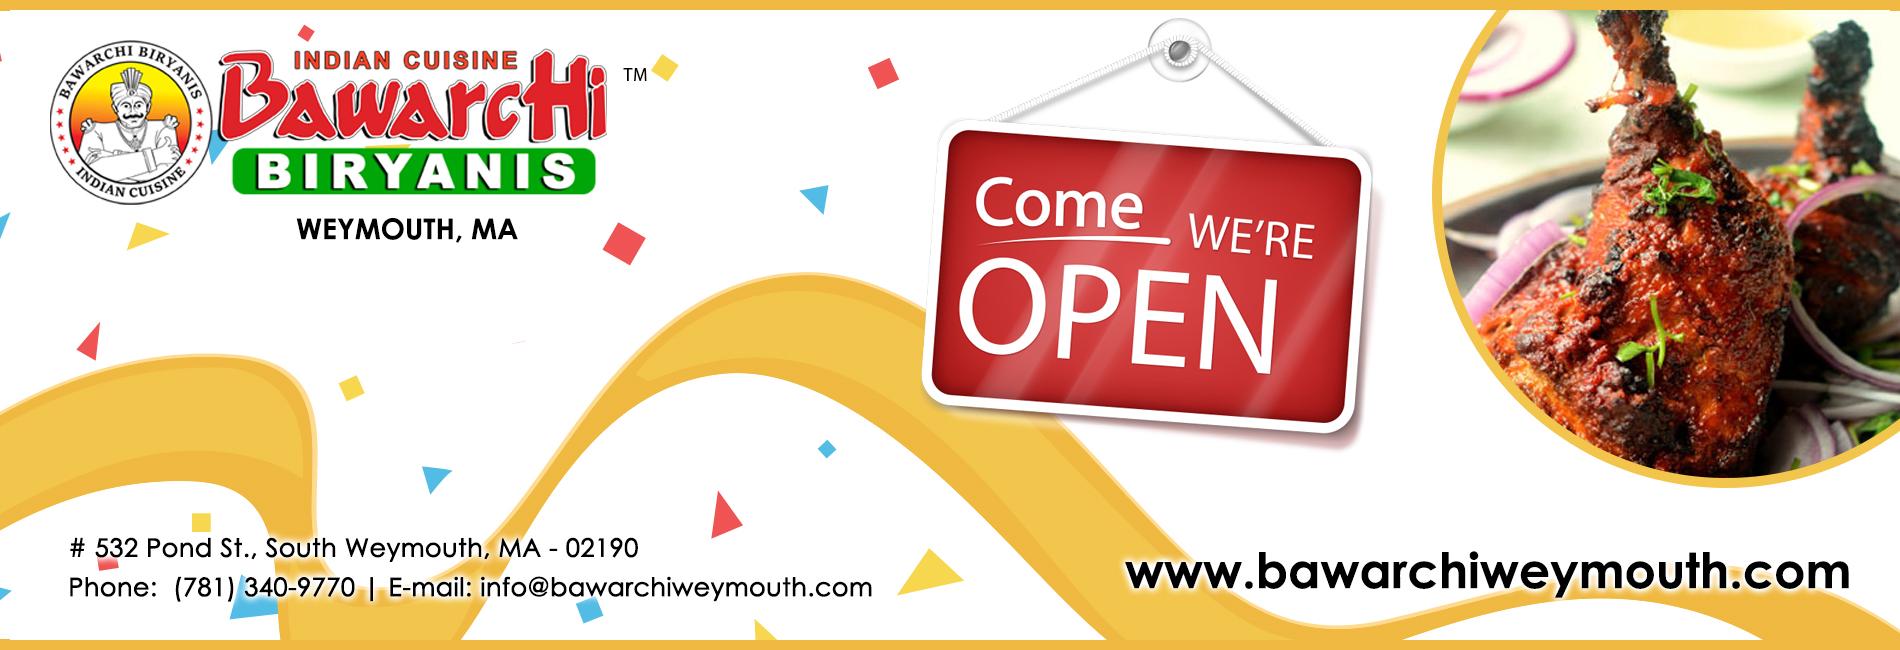 Bawarchi Losangeles, CA - Open Soon